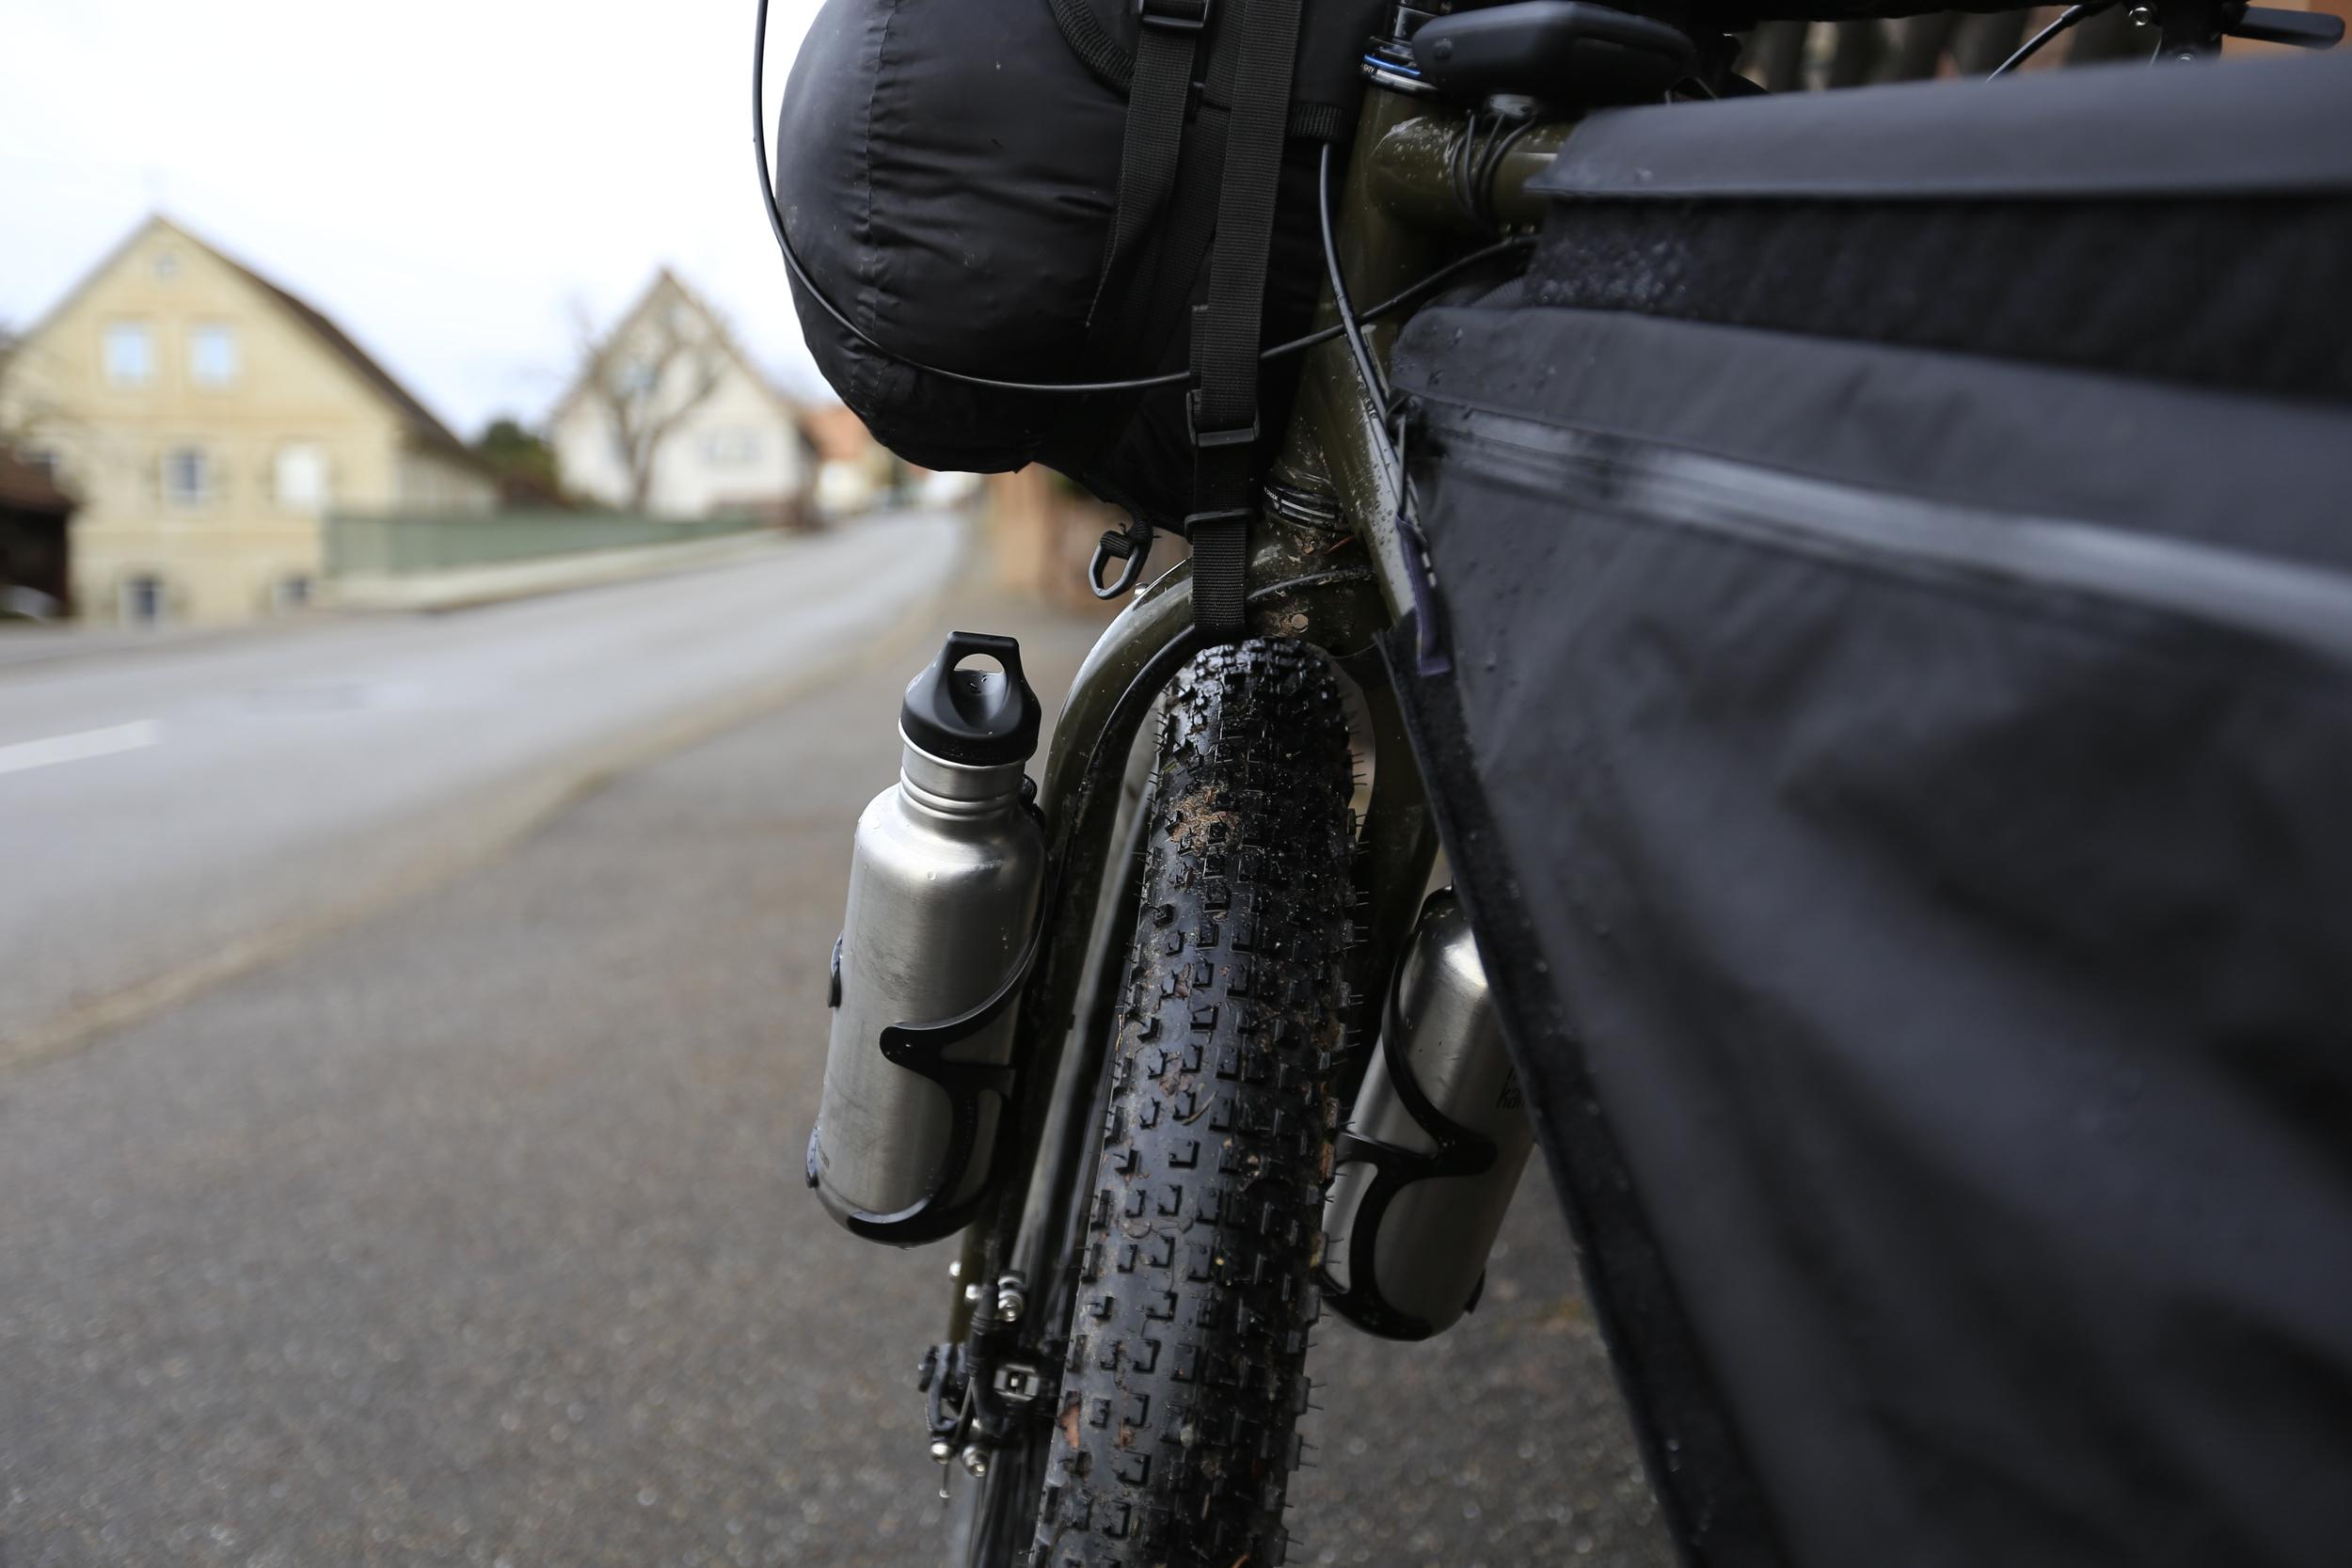 klean kanteen surly, surly ecr, bikepacking blog, cycling blog, wildcat gear, leopard, travel blog